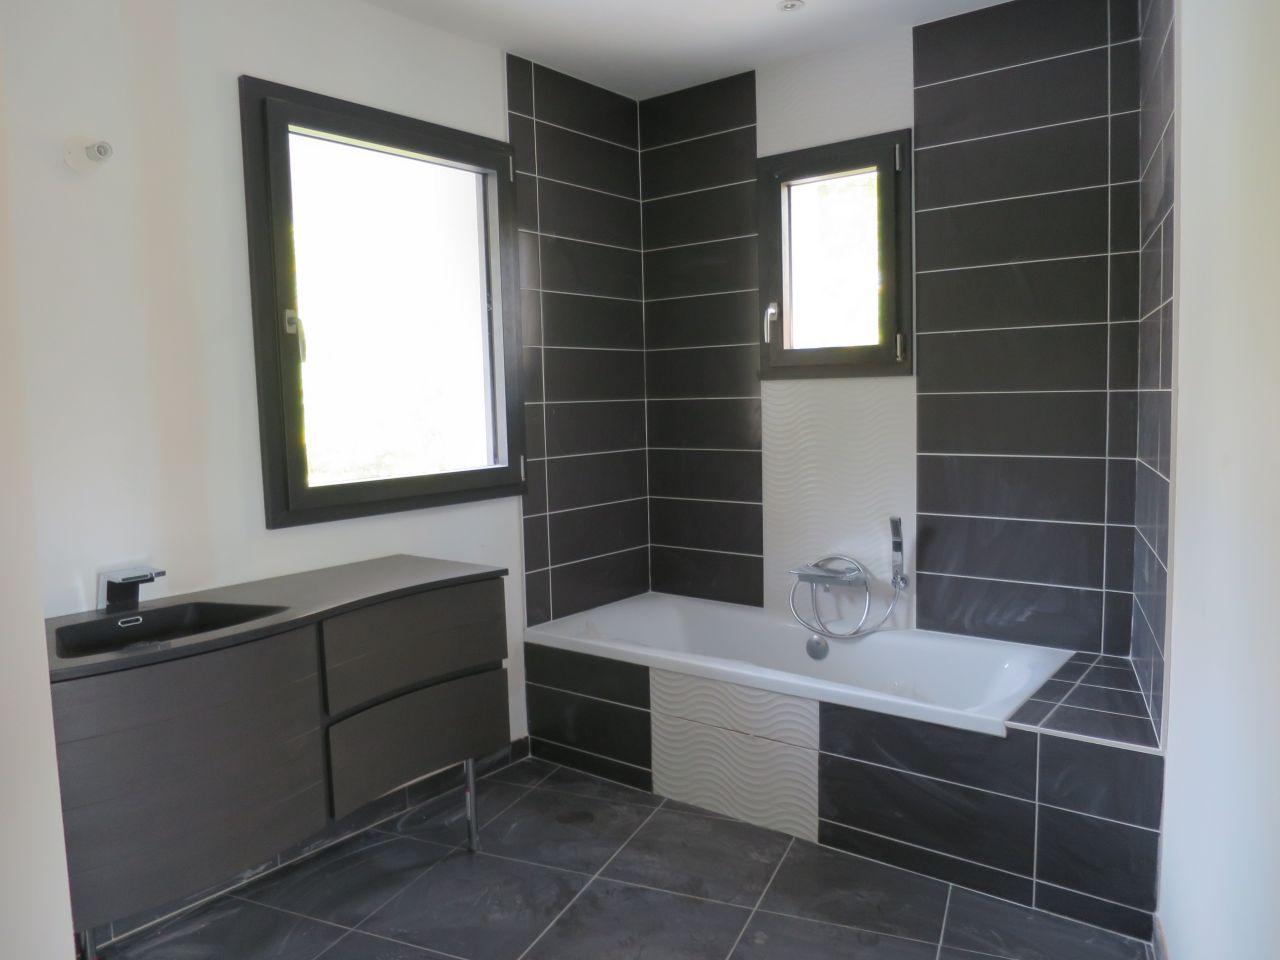 Finitions breuillet charente maritime - Porte coulissante salle de bain lapeyre ...